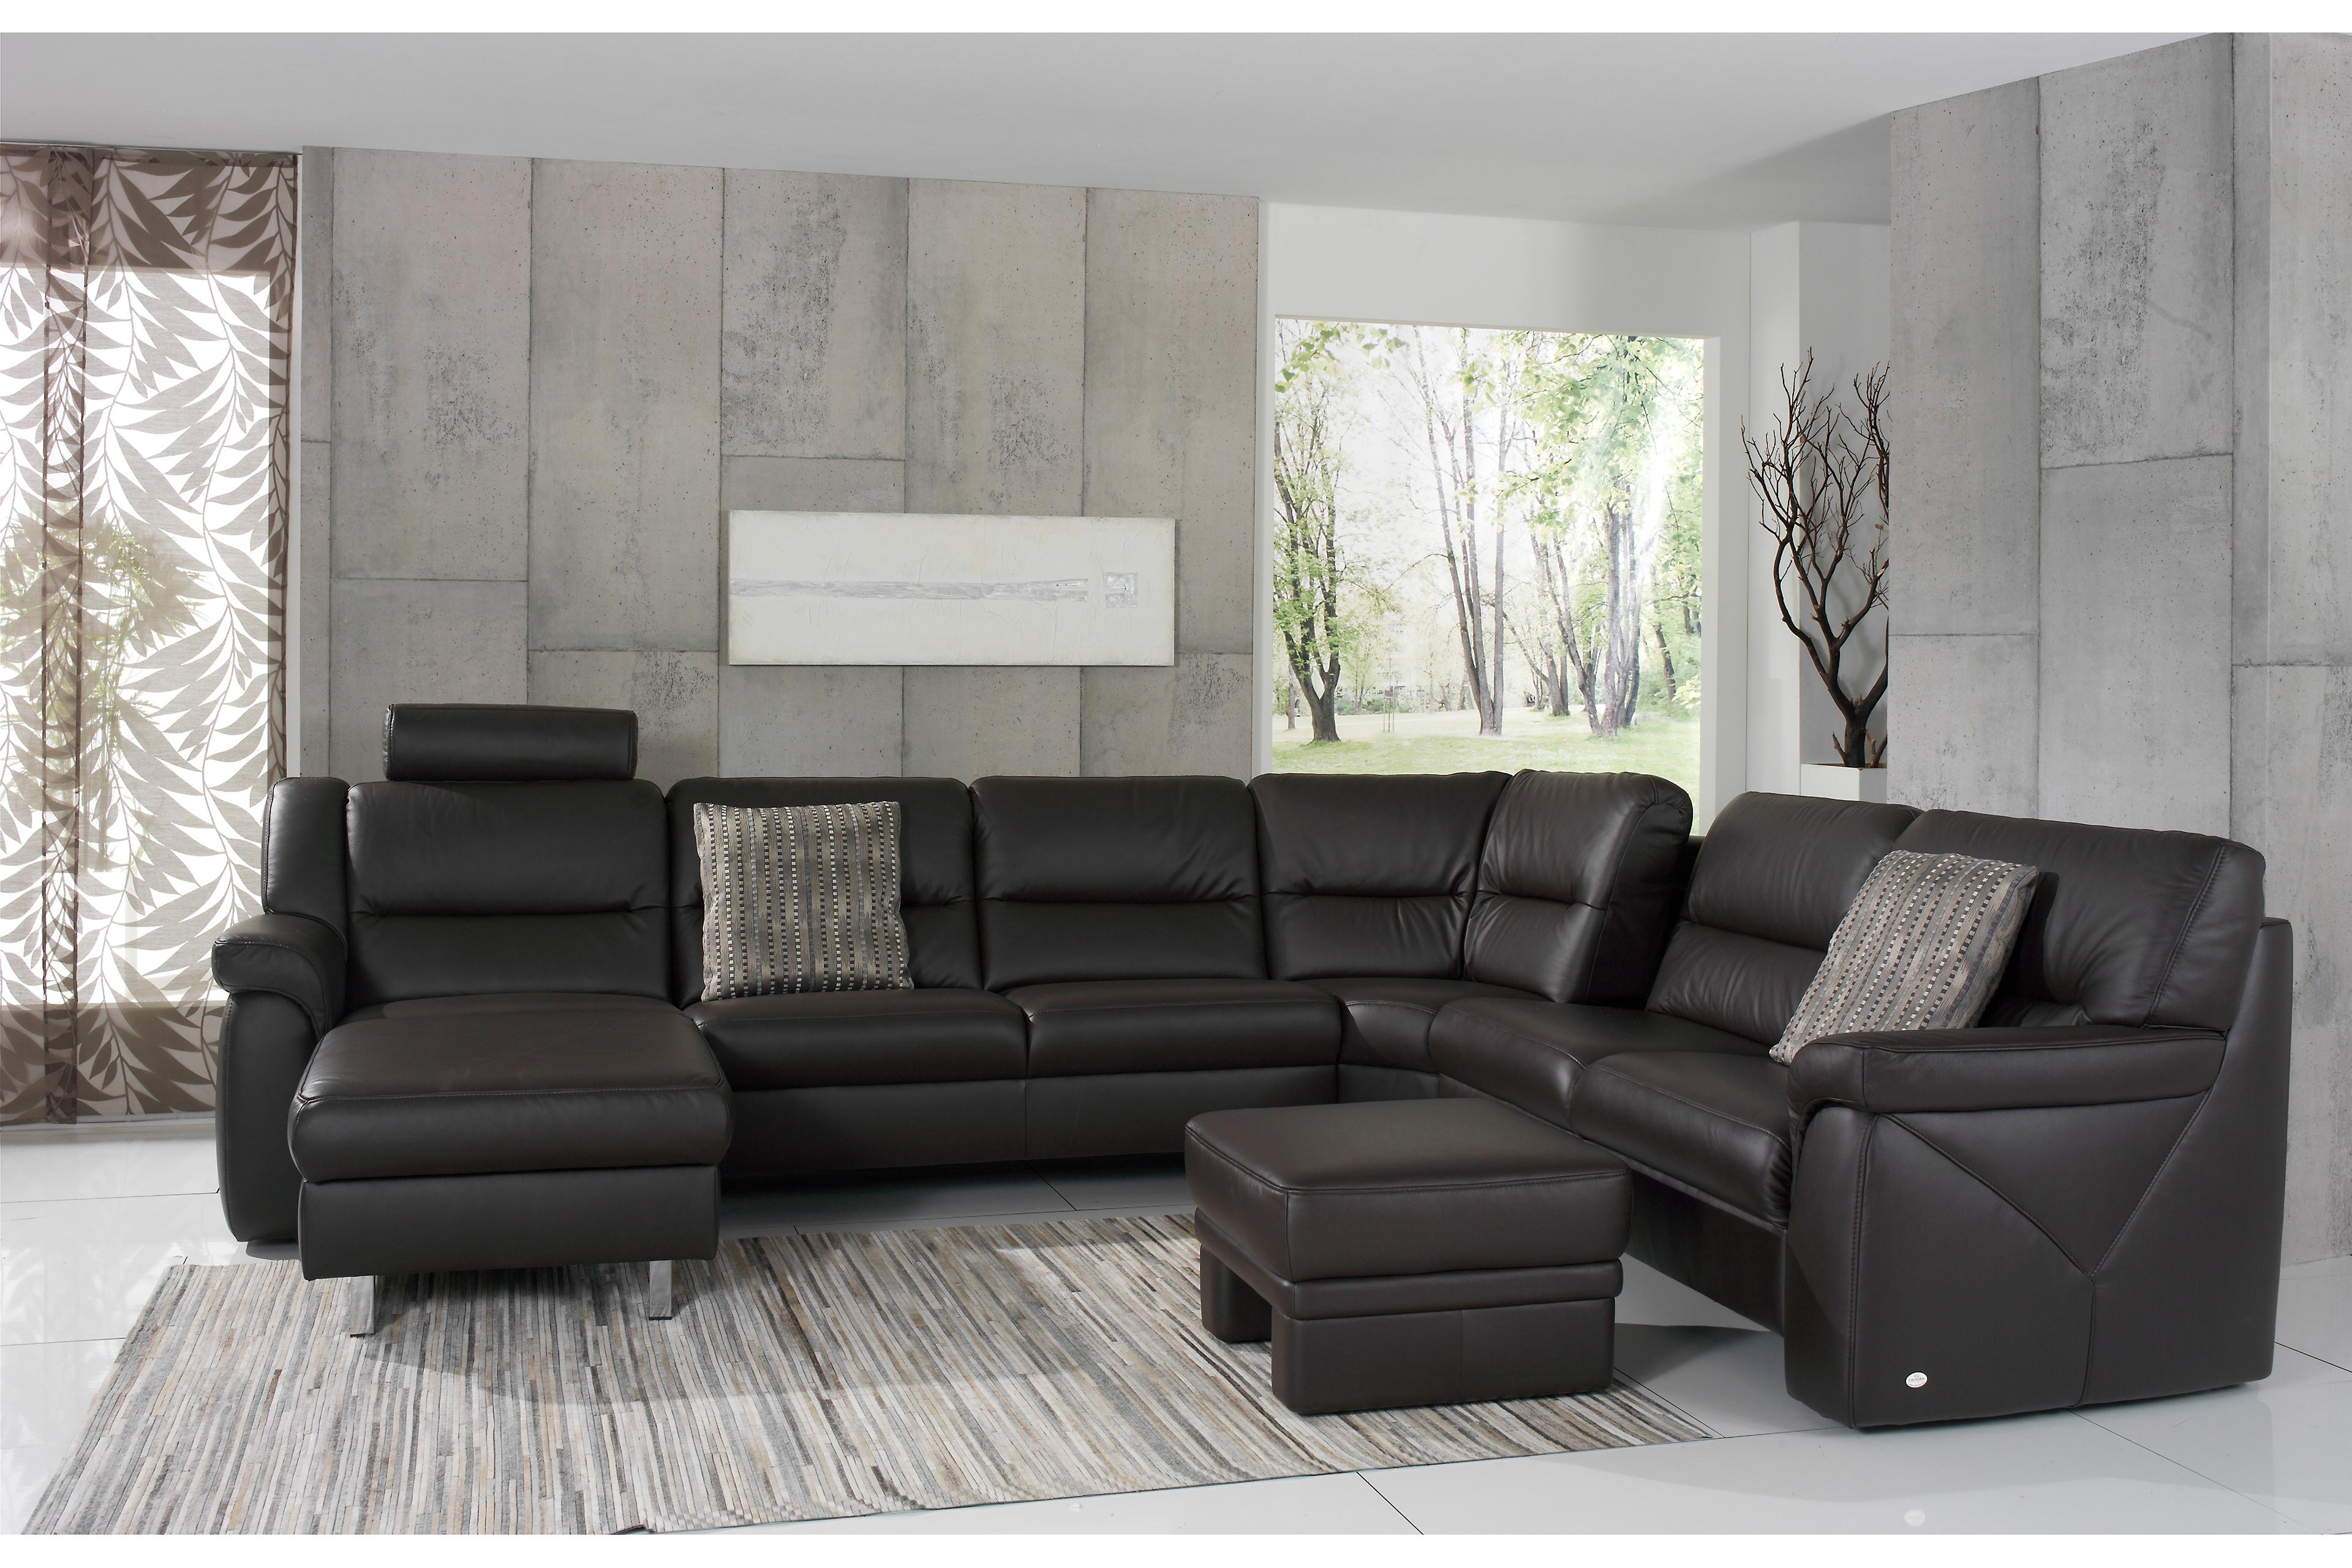 himolla polsterm bel ledergarnitur 1101 hobey grau braun m bel letz ihr online shop. Black Bedroom Furniture Sets. Home Design Ideas